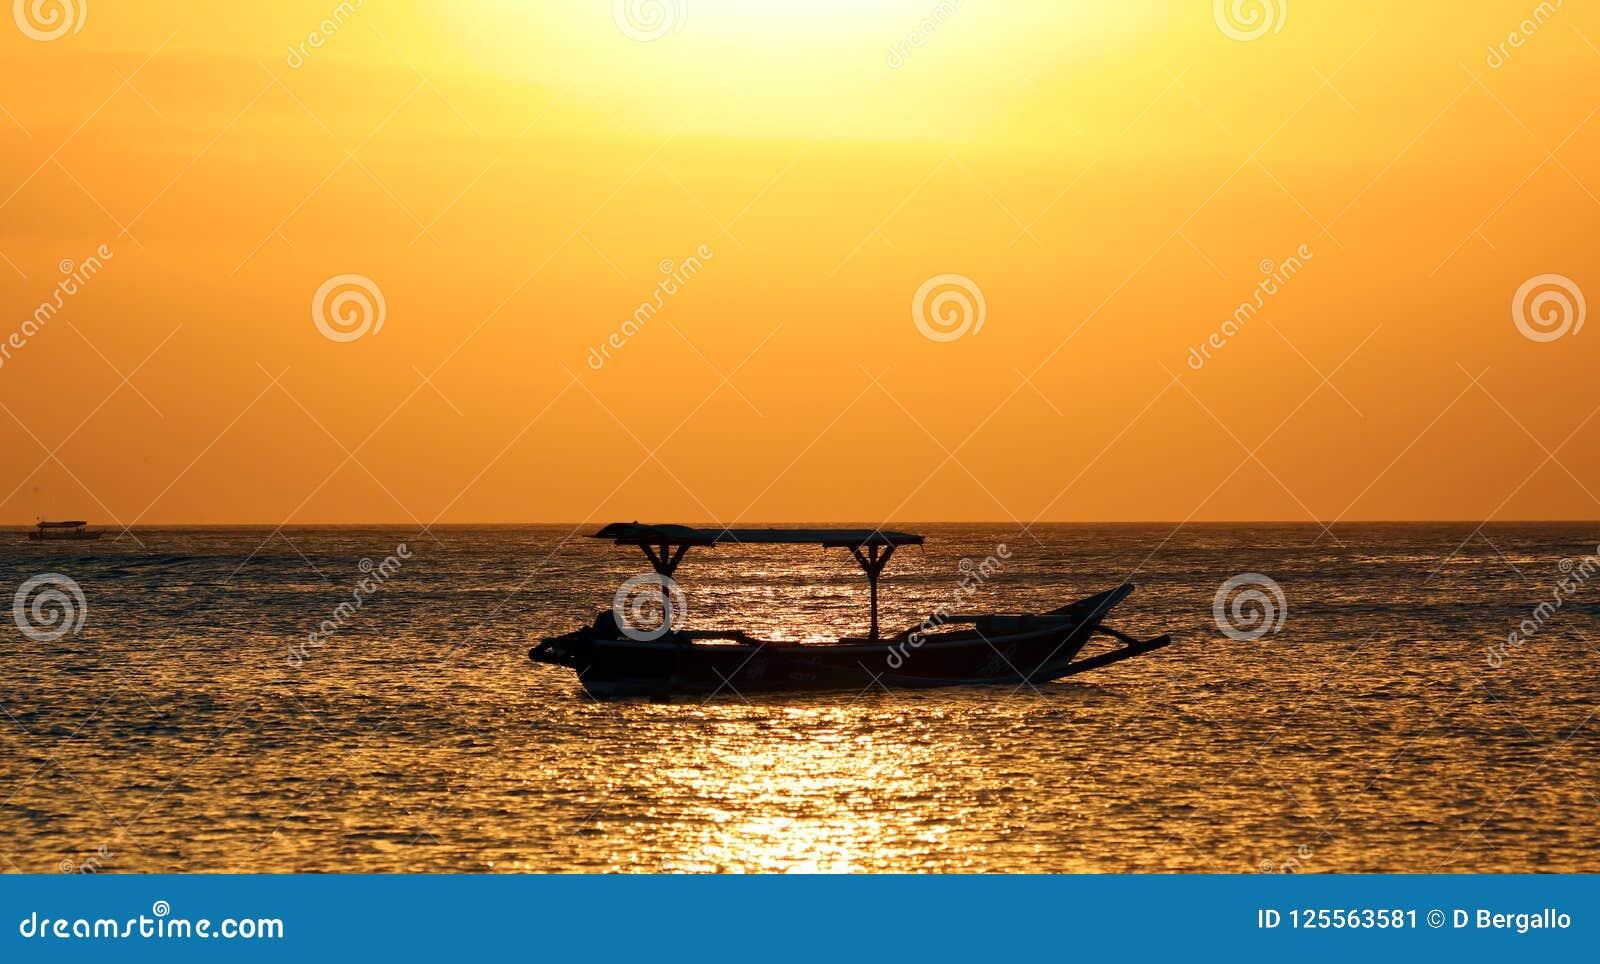 Fischerboot in Bali, Indonesien während des goldenen Sonnenuntergangs Ozean und Himmel, die wie Gold aussehen